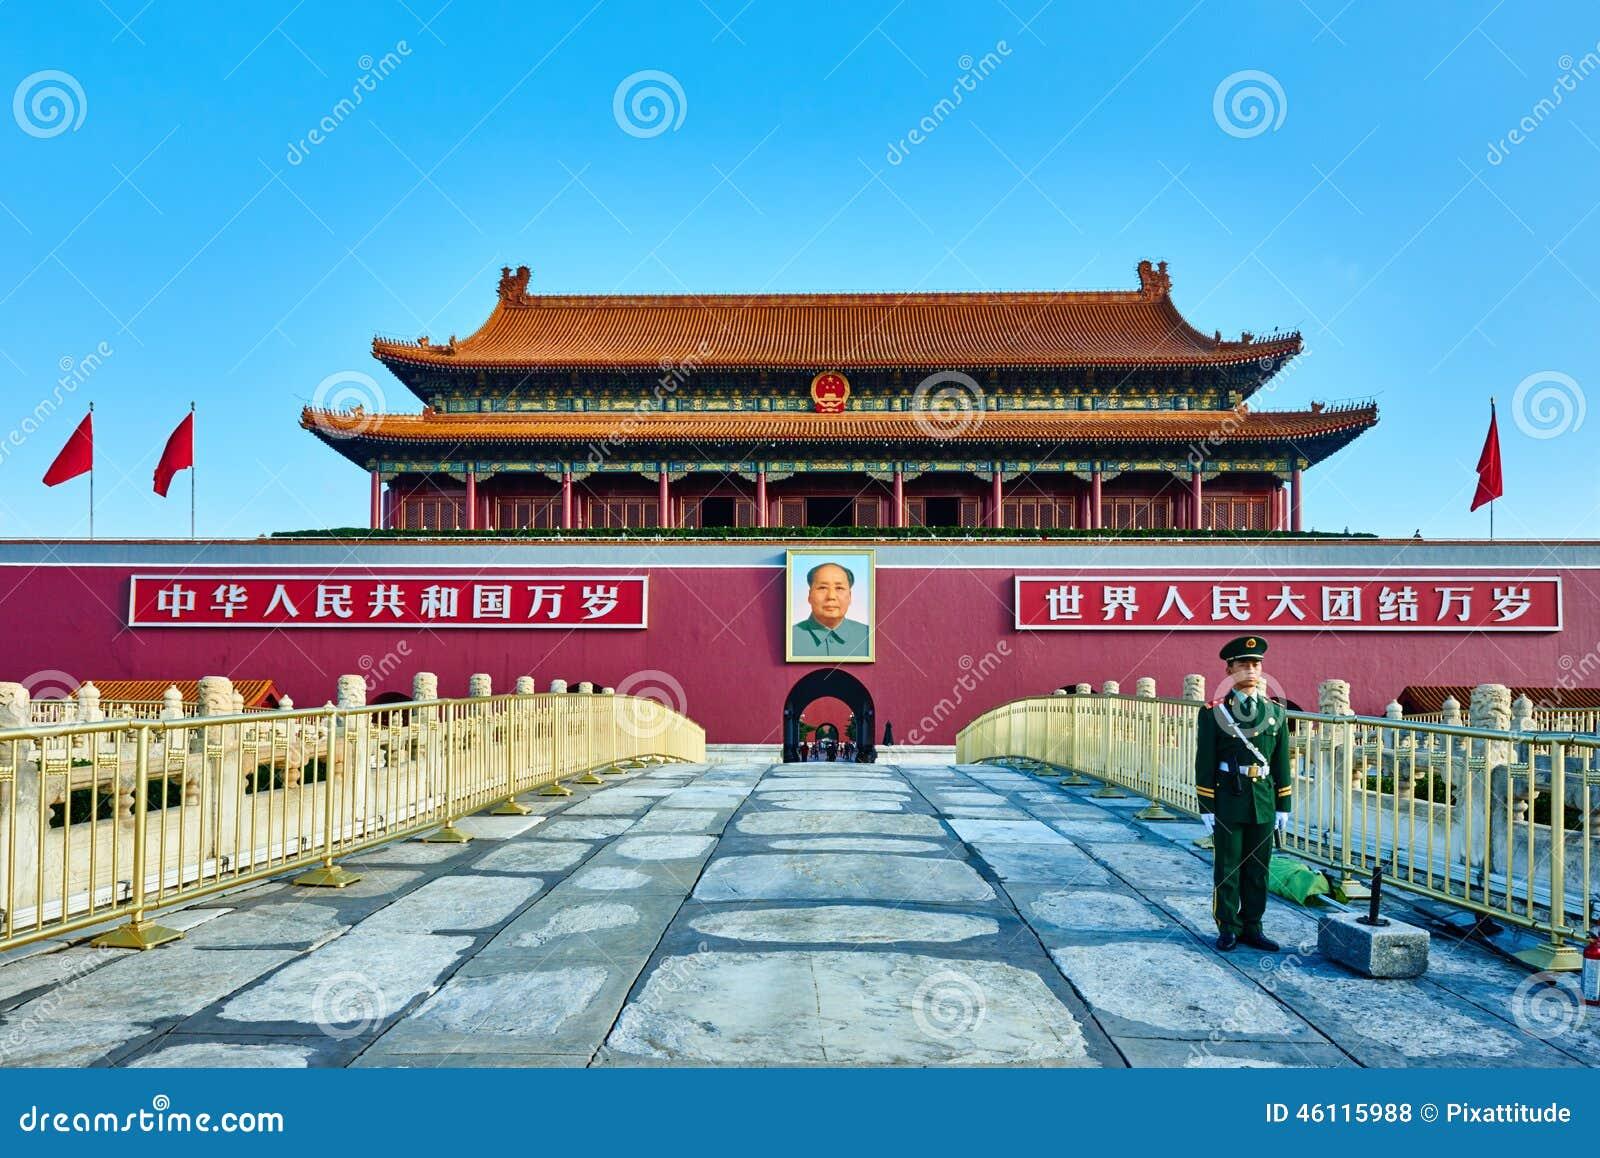 Porte de Place Tiananmen merveilleuse Cité interdite BeijingBe de paix